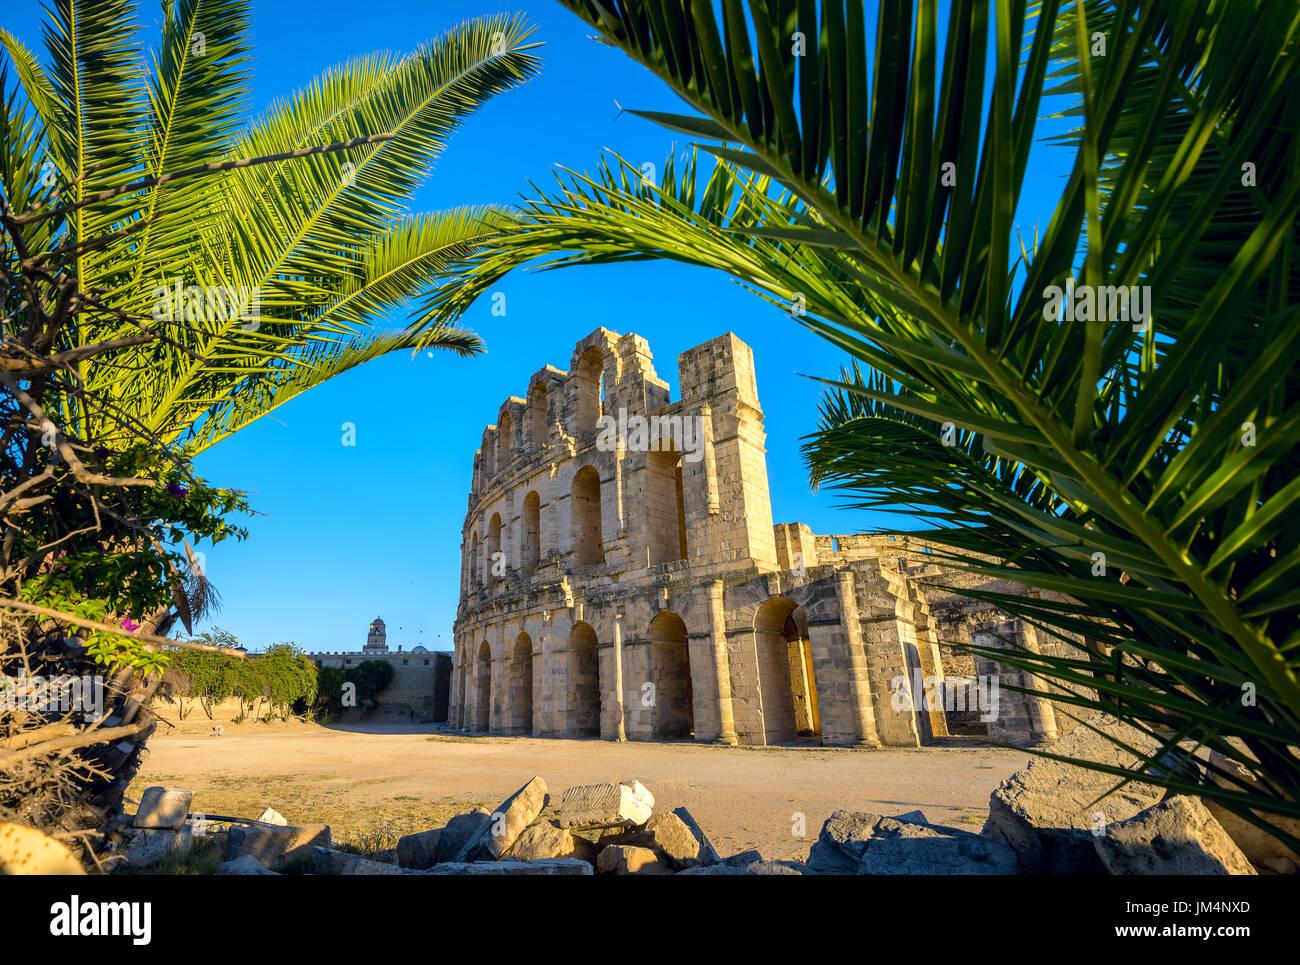 Antico anfiteatro romano di El Djem. Governatorato di Mahdia, Tunisia, Nord Africa Immagini Stock